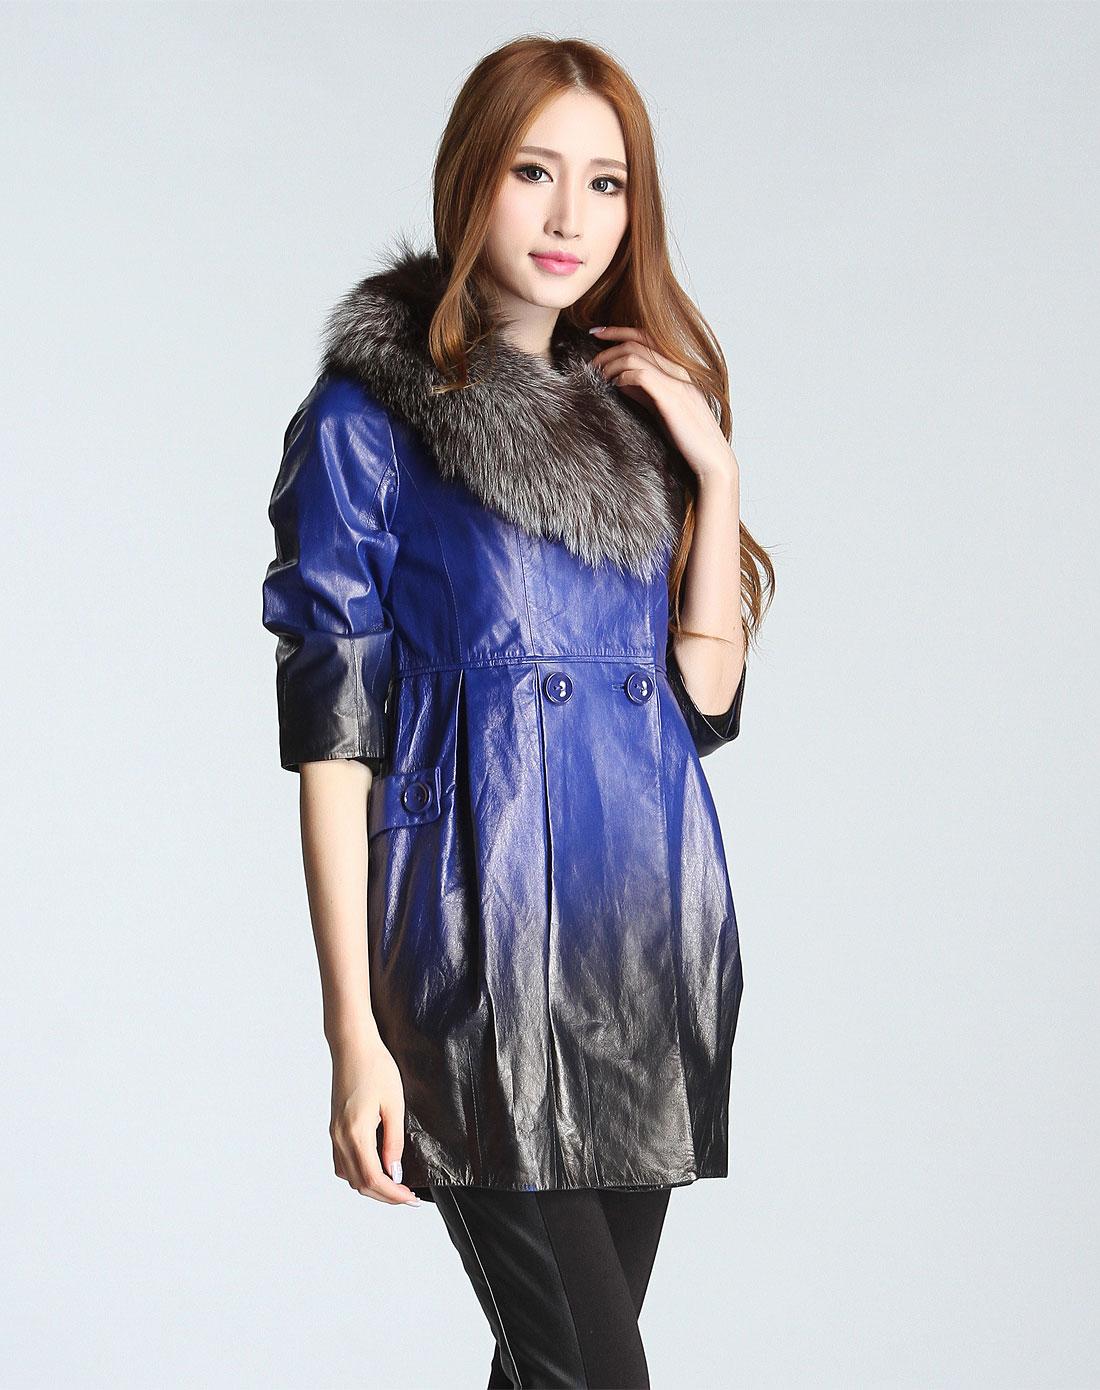 女装宝蓝色渐变中袖皮衣